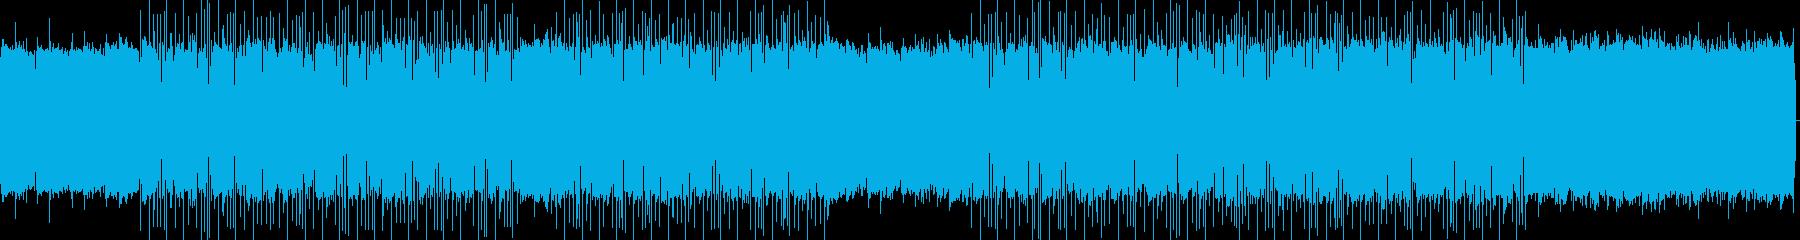 メロウで浮遊感のあるノイズポップ・ループの再生済みの波形